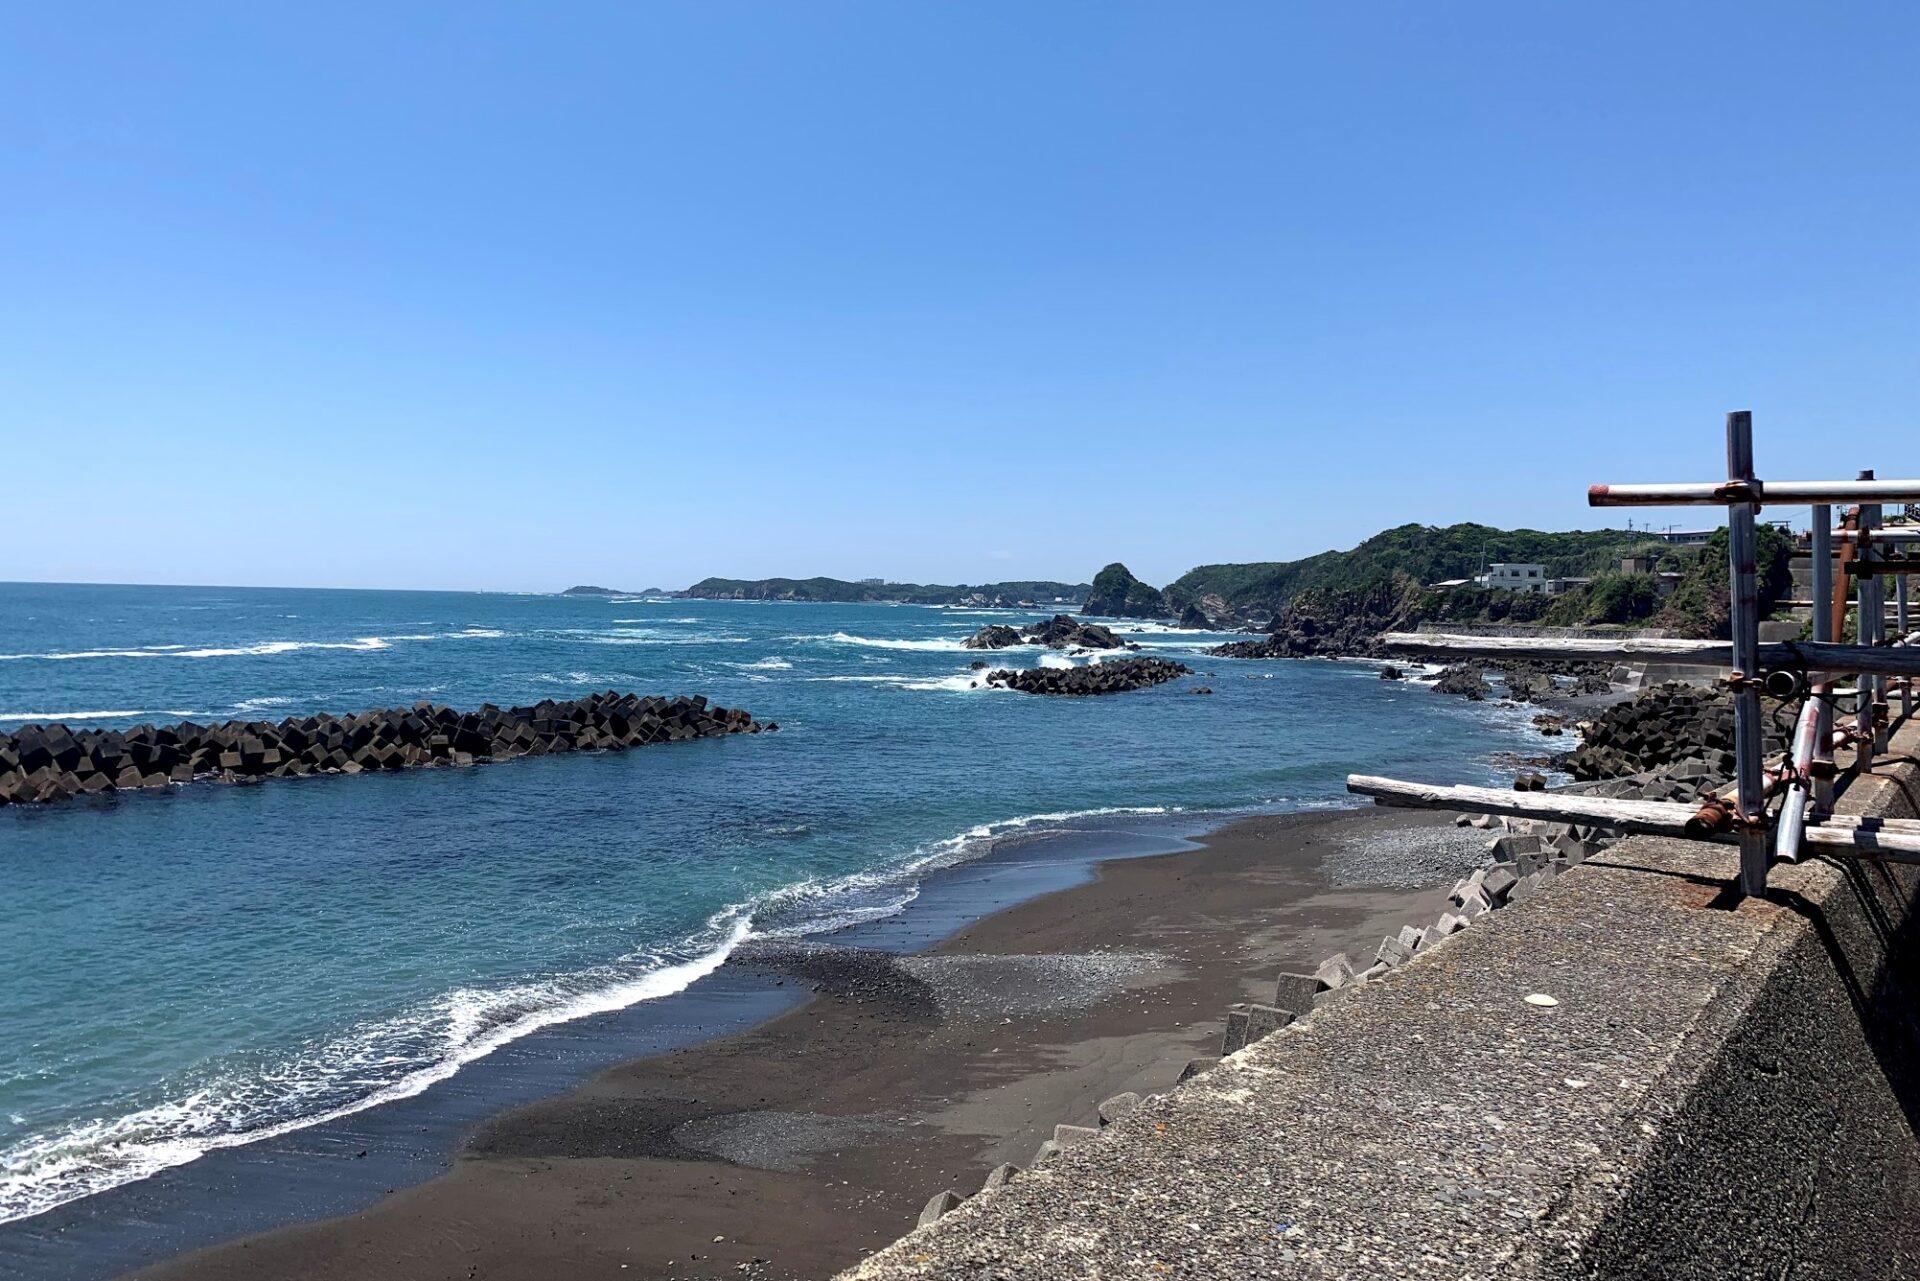 伊勢志摩ツーデーウォーク・2日目16・25キロコースの最大の見どころは?